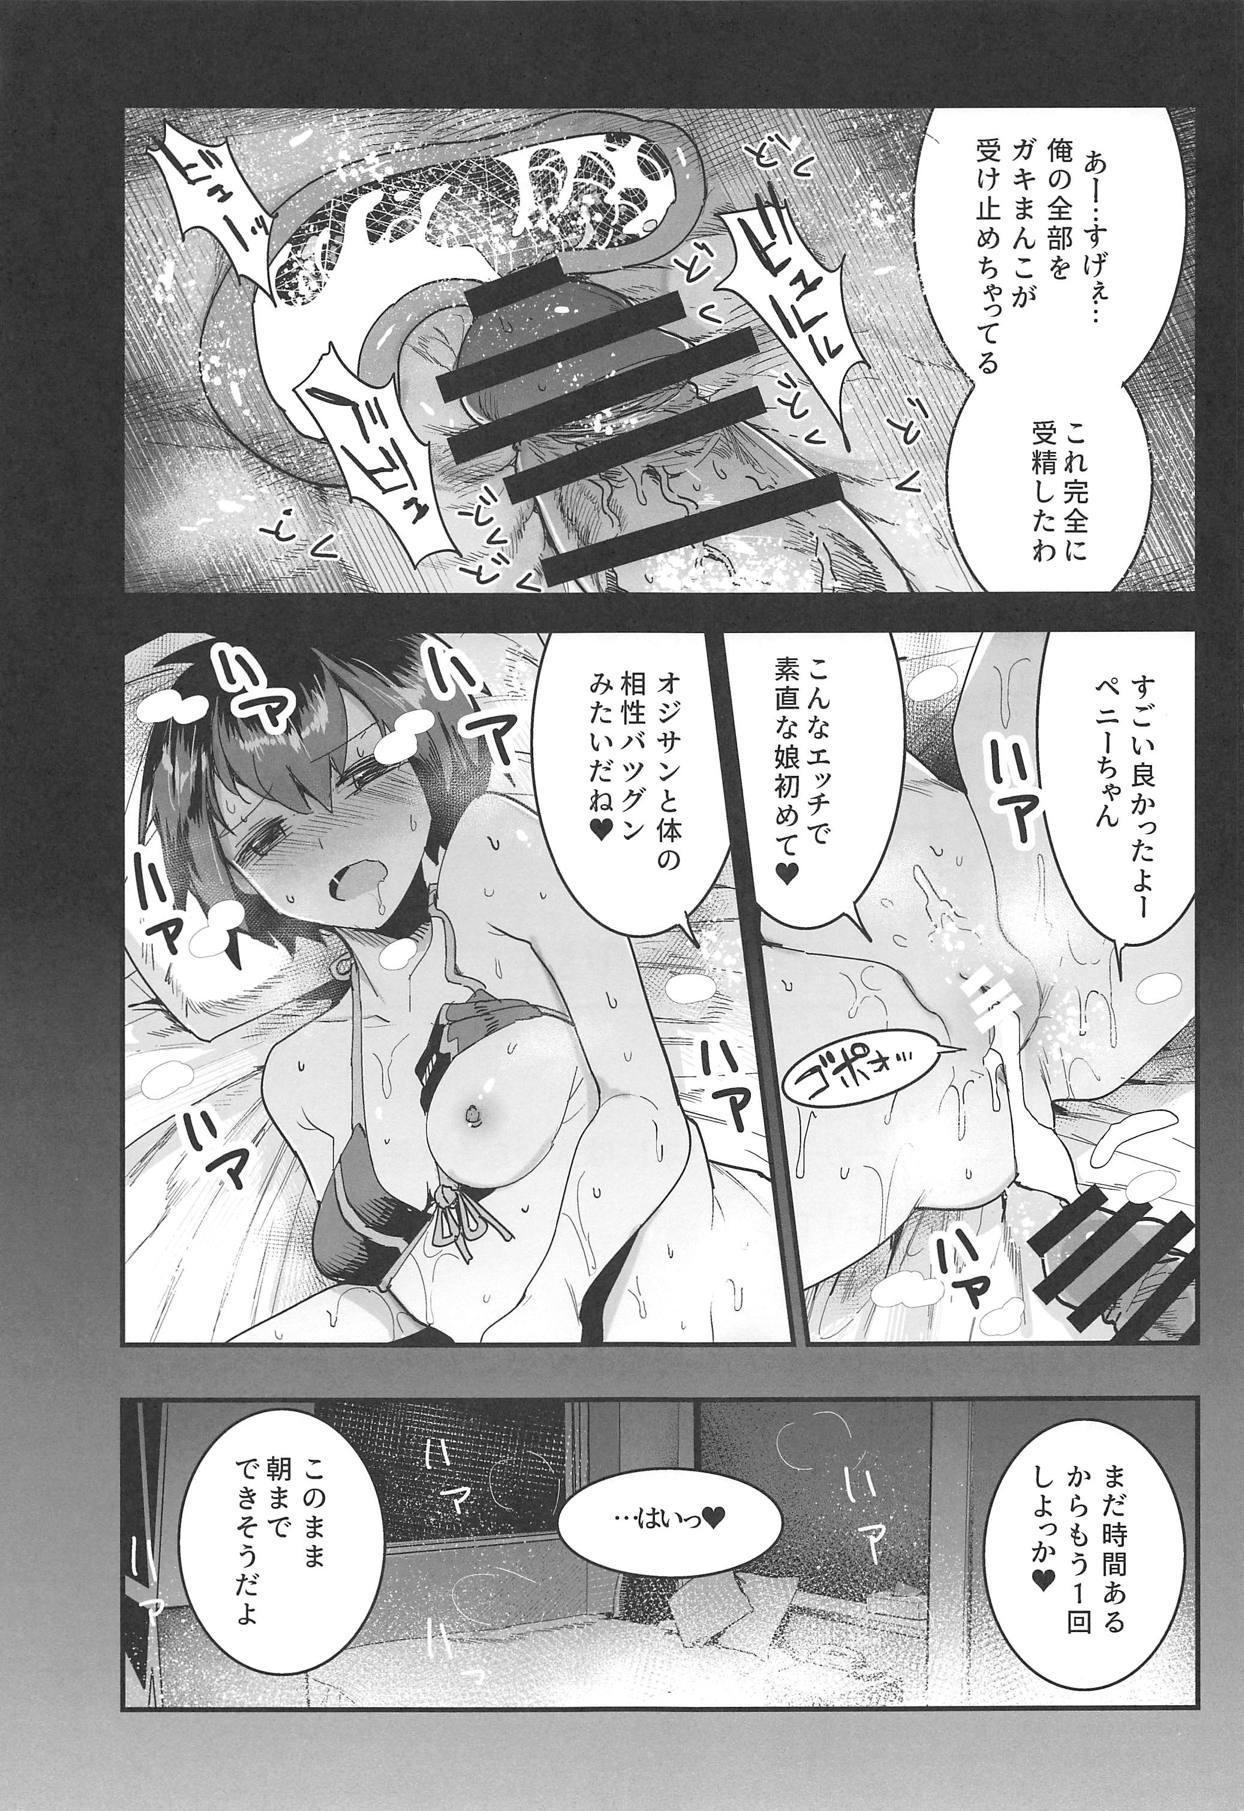 Peni Parker no Usui Hon ni wa Ooinaru Sekinin ga Tomonau 11